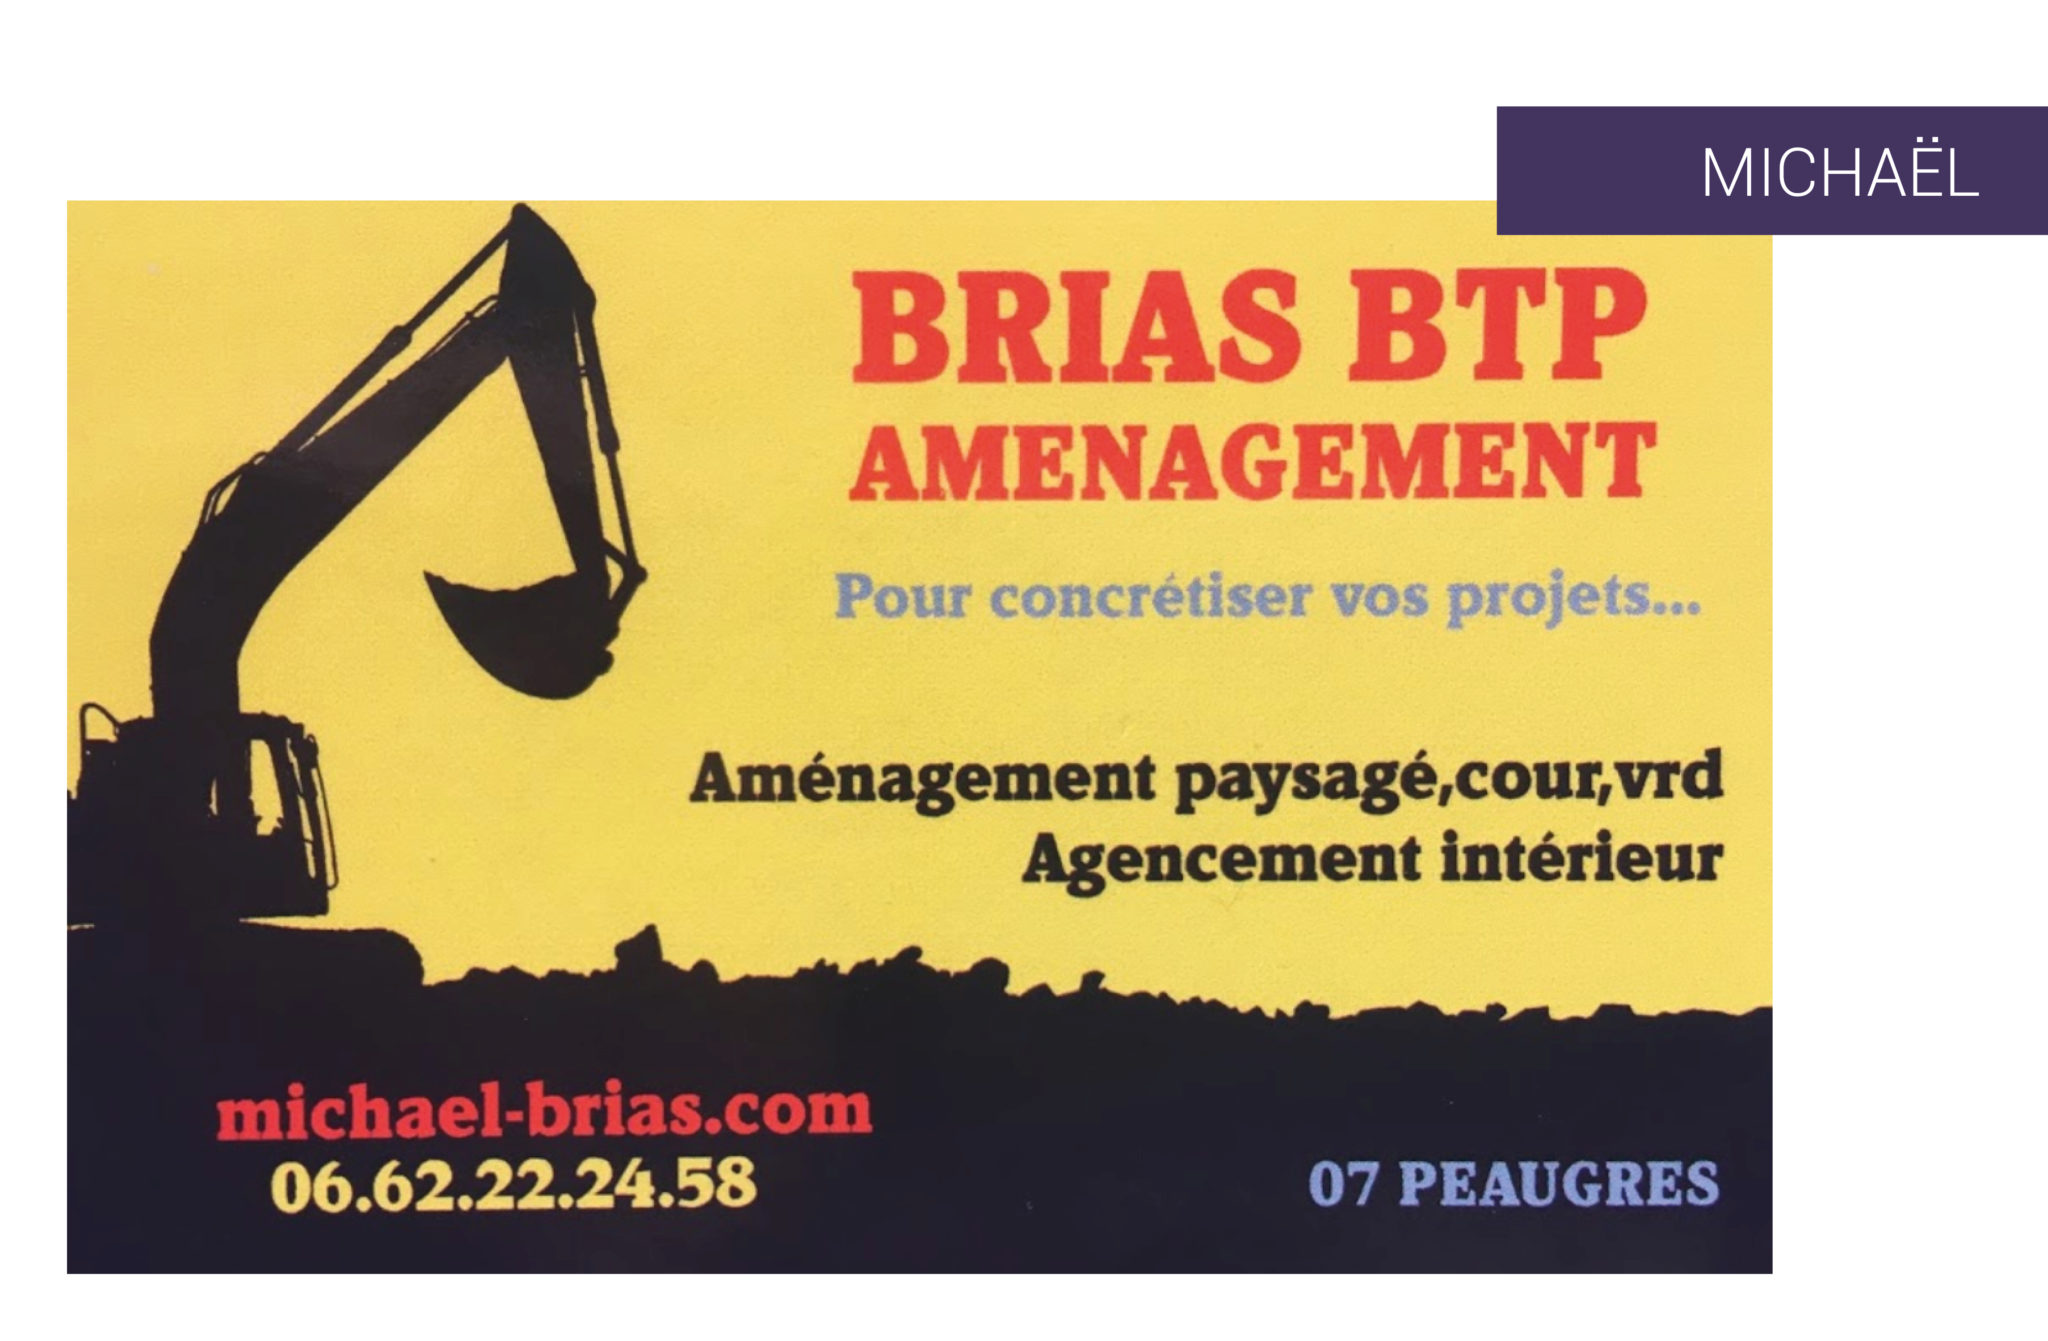 brias-btp-photo-accueil